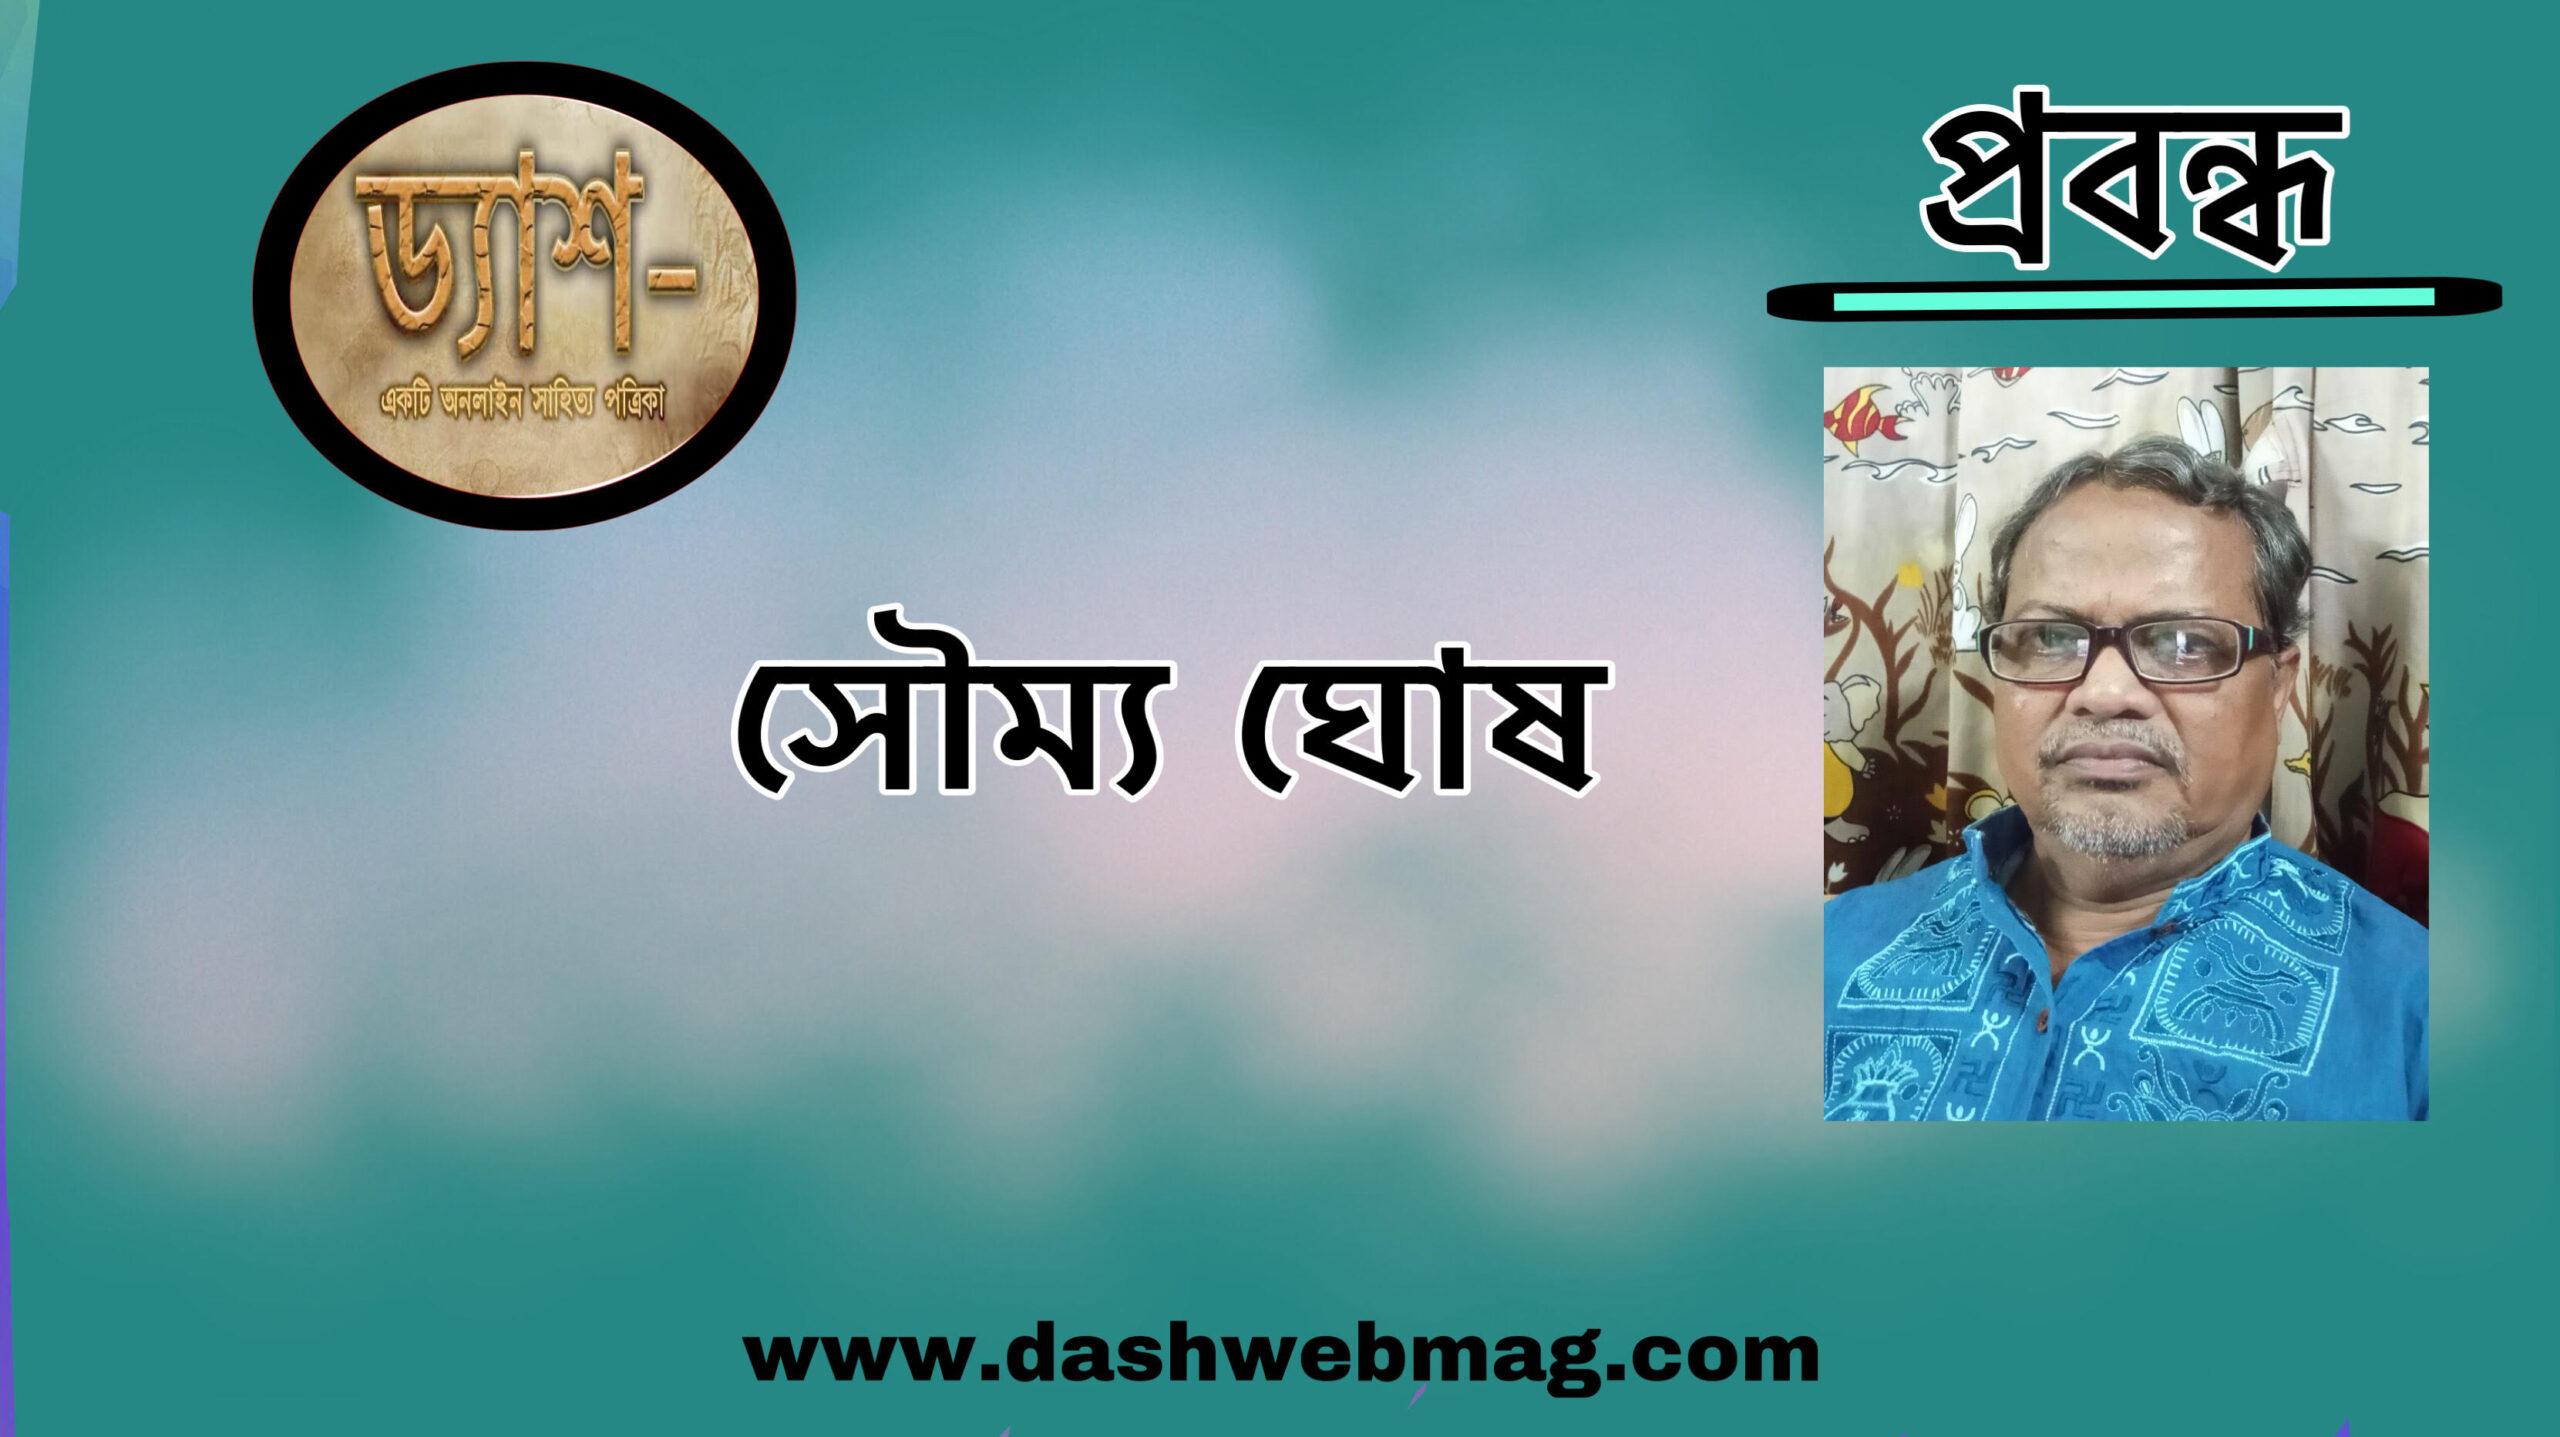 প্রবন্ধ: রাঢ়-বাংলার কবিগান